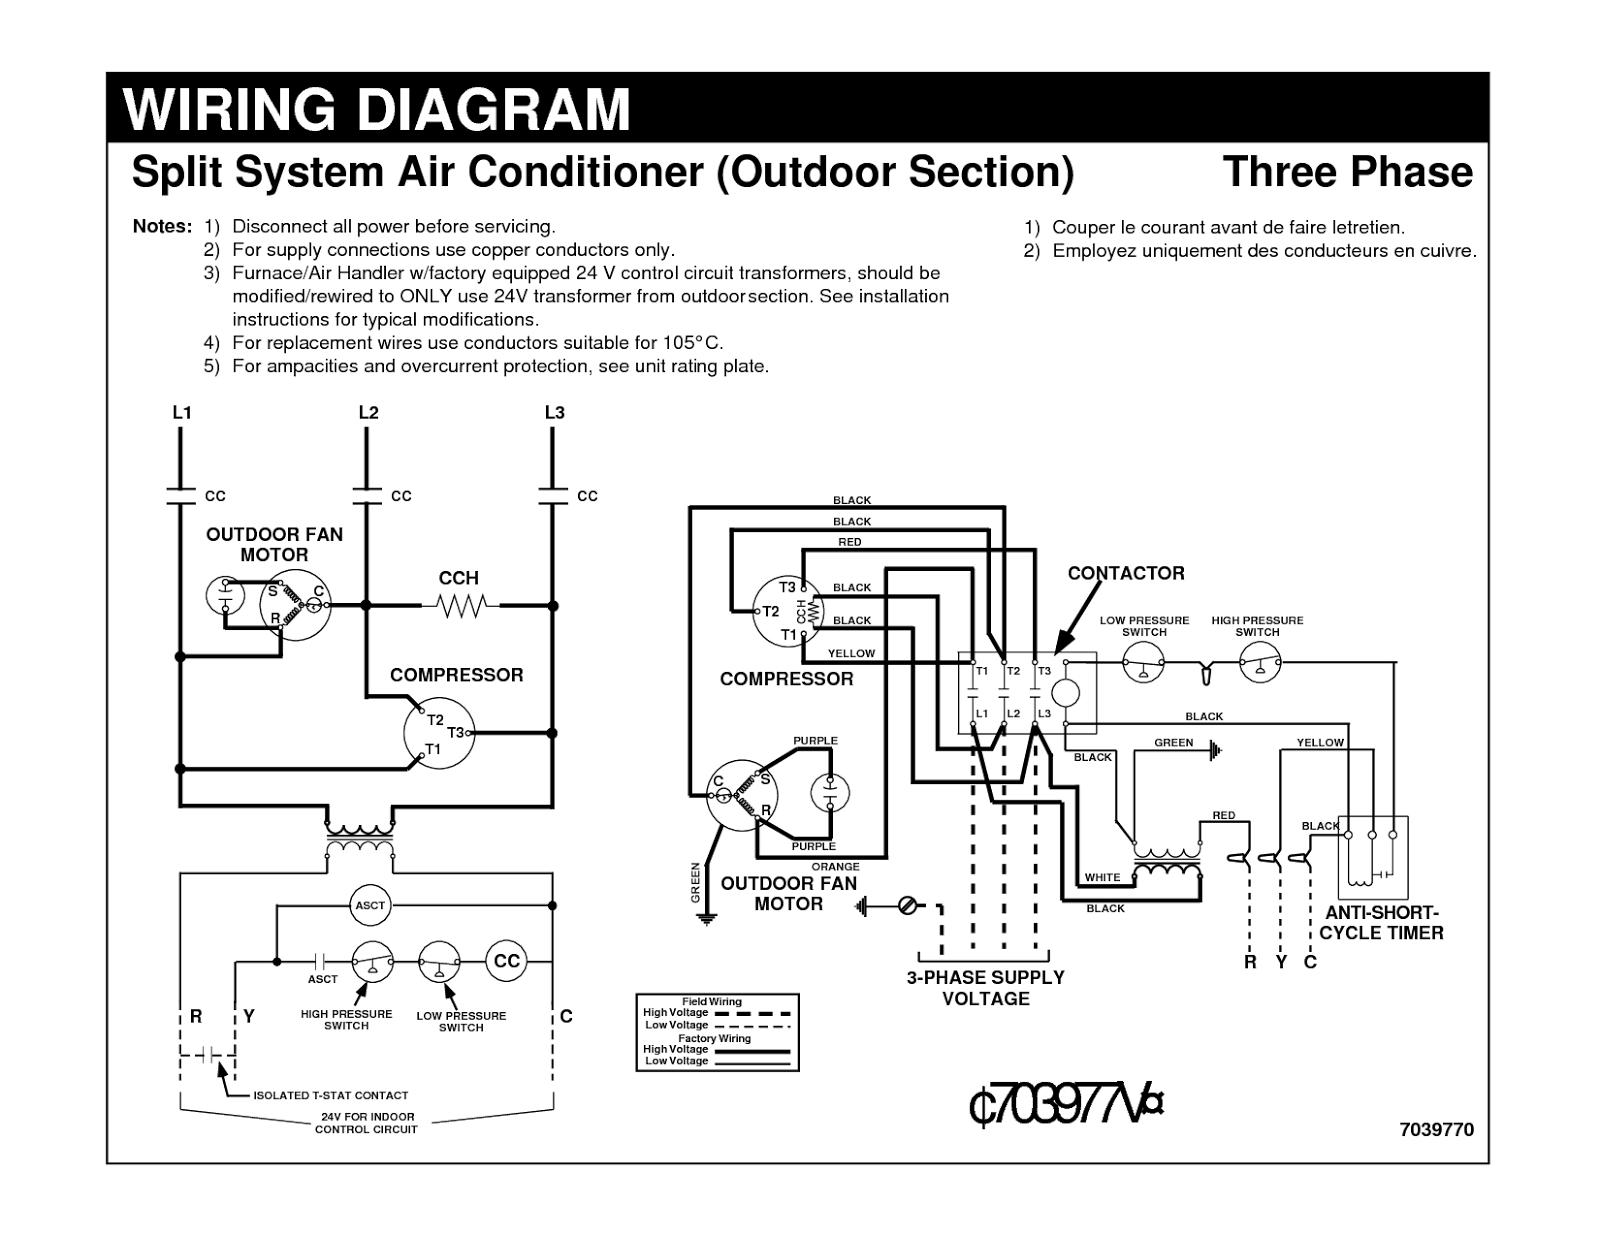 Ac Wire Diagram | Wiring Diagram - Ac Wiring Diagram Pdf